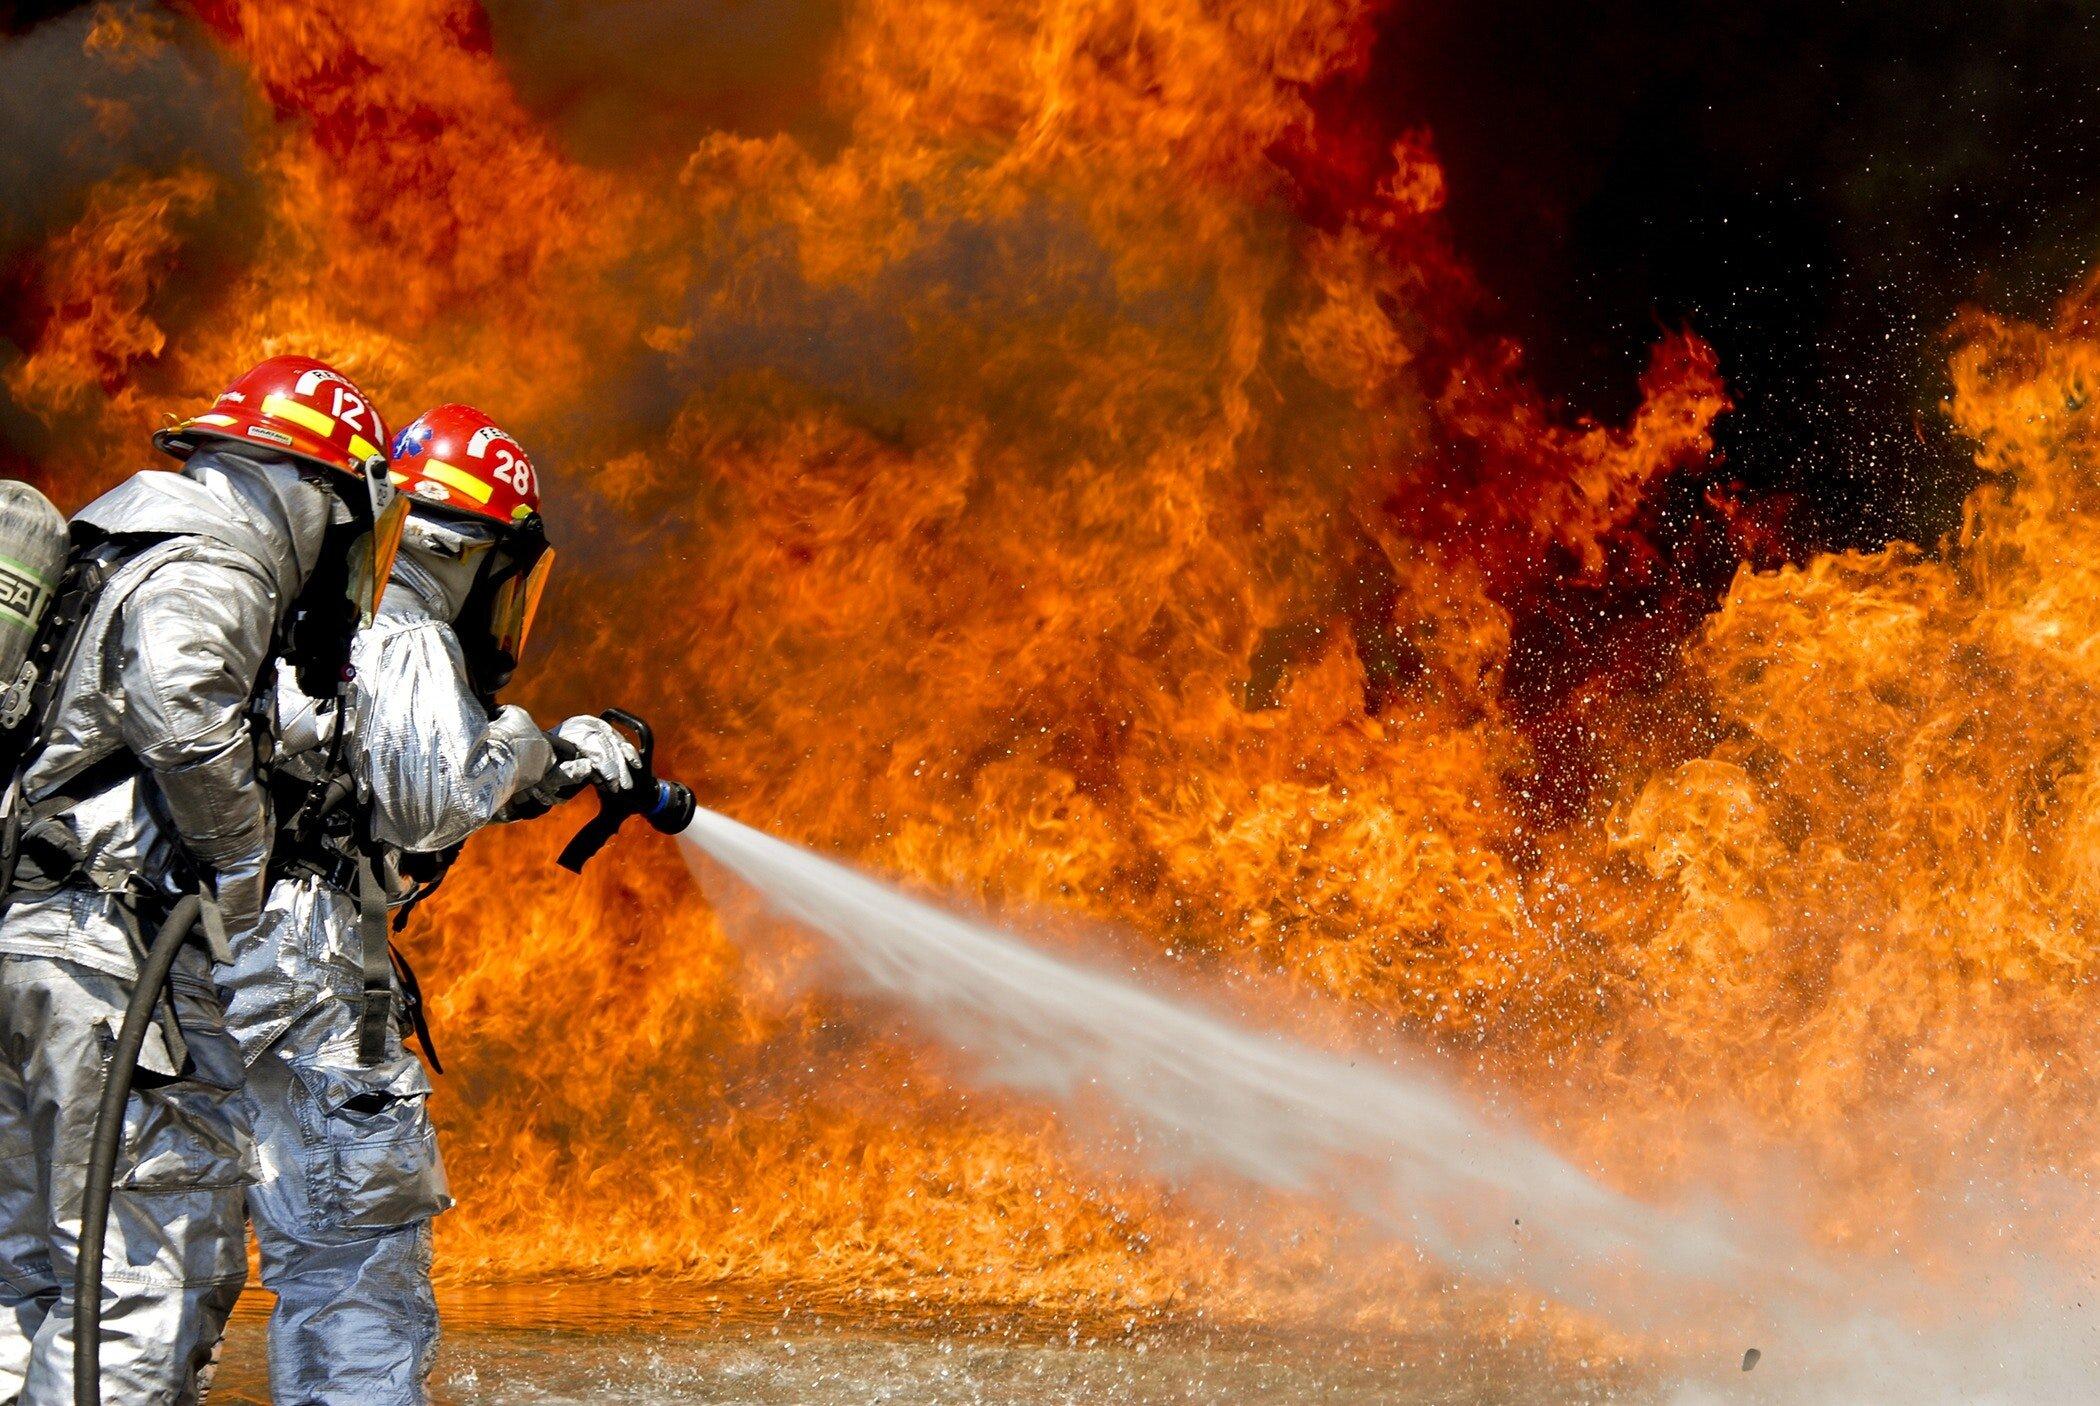 fire-fire-hose-firefighters-69934 - Copy.jpg